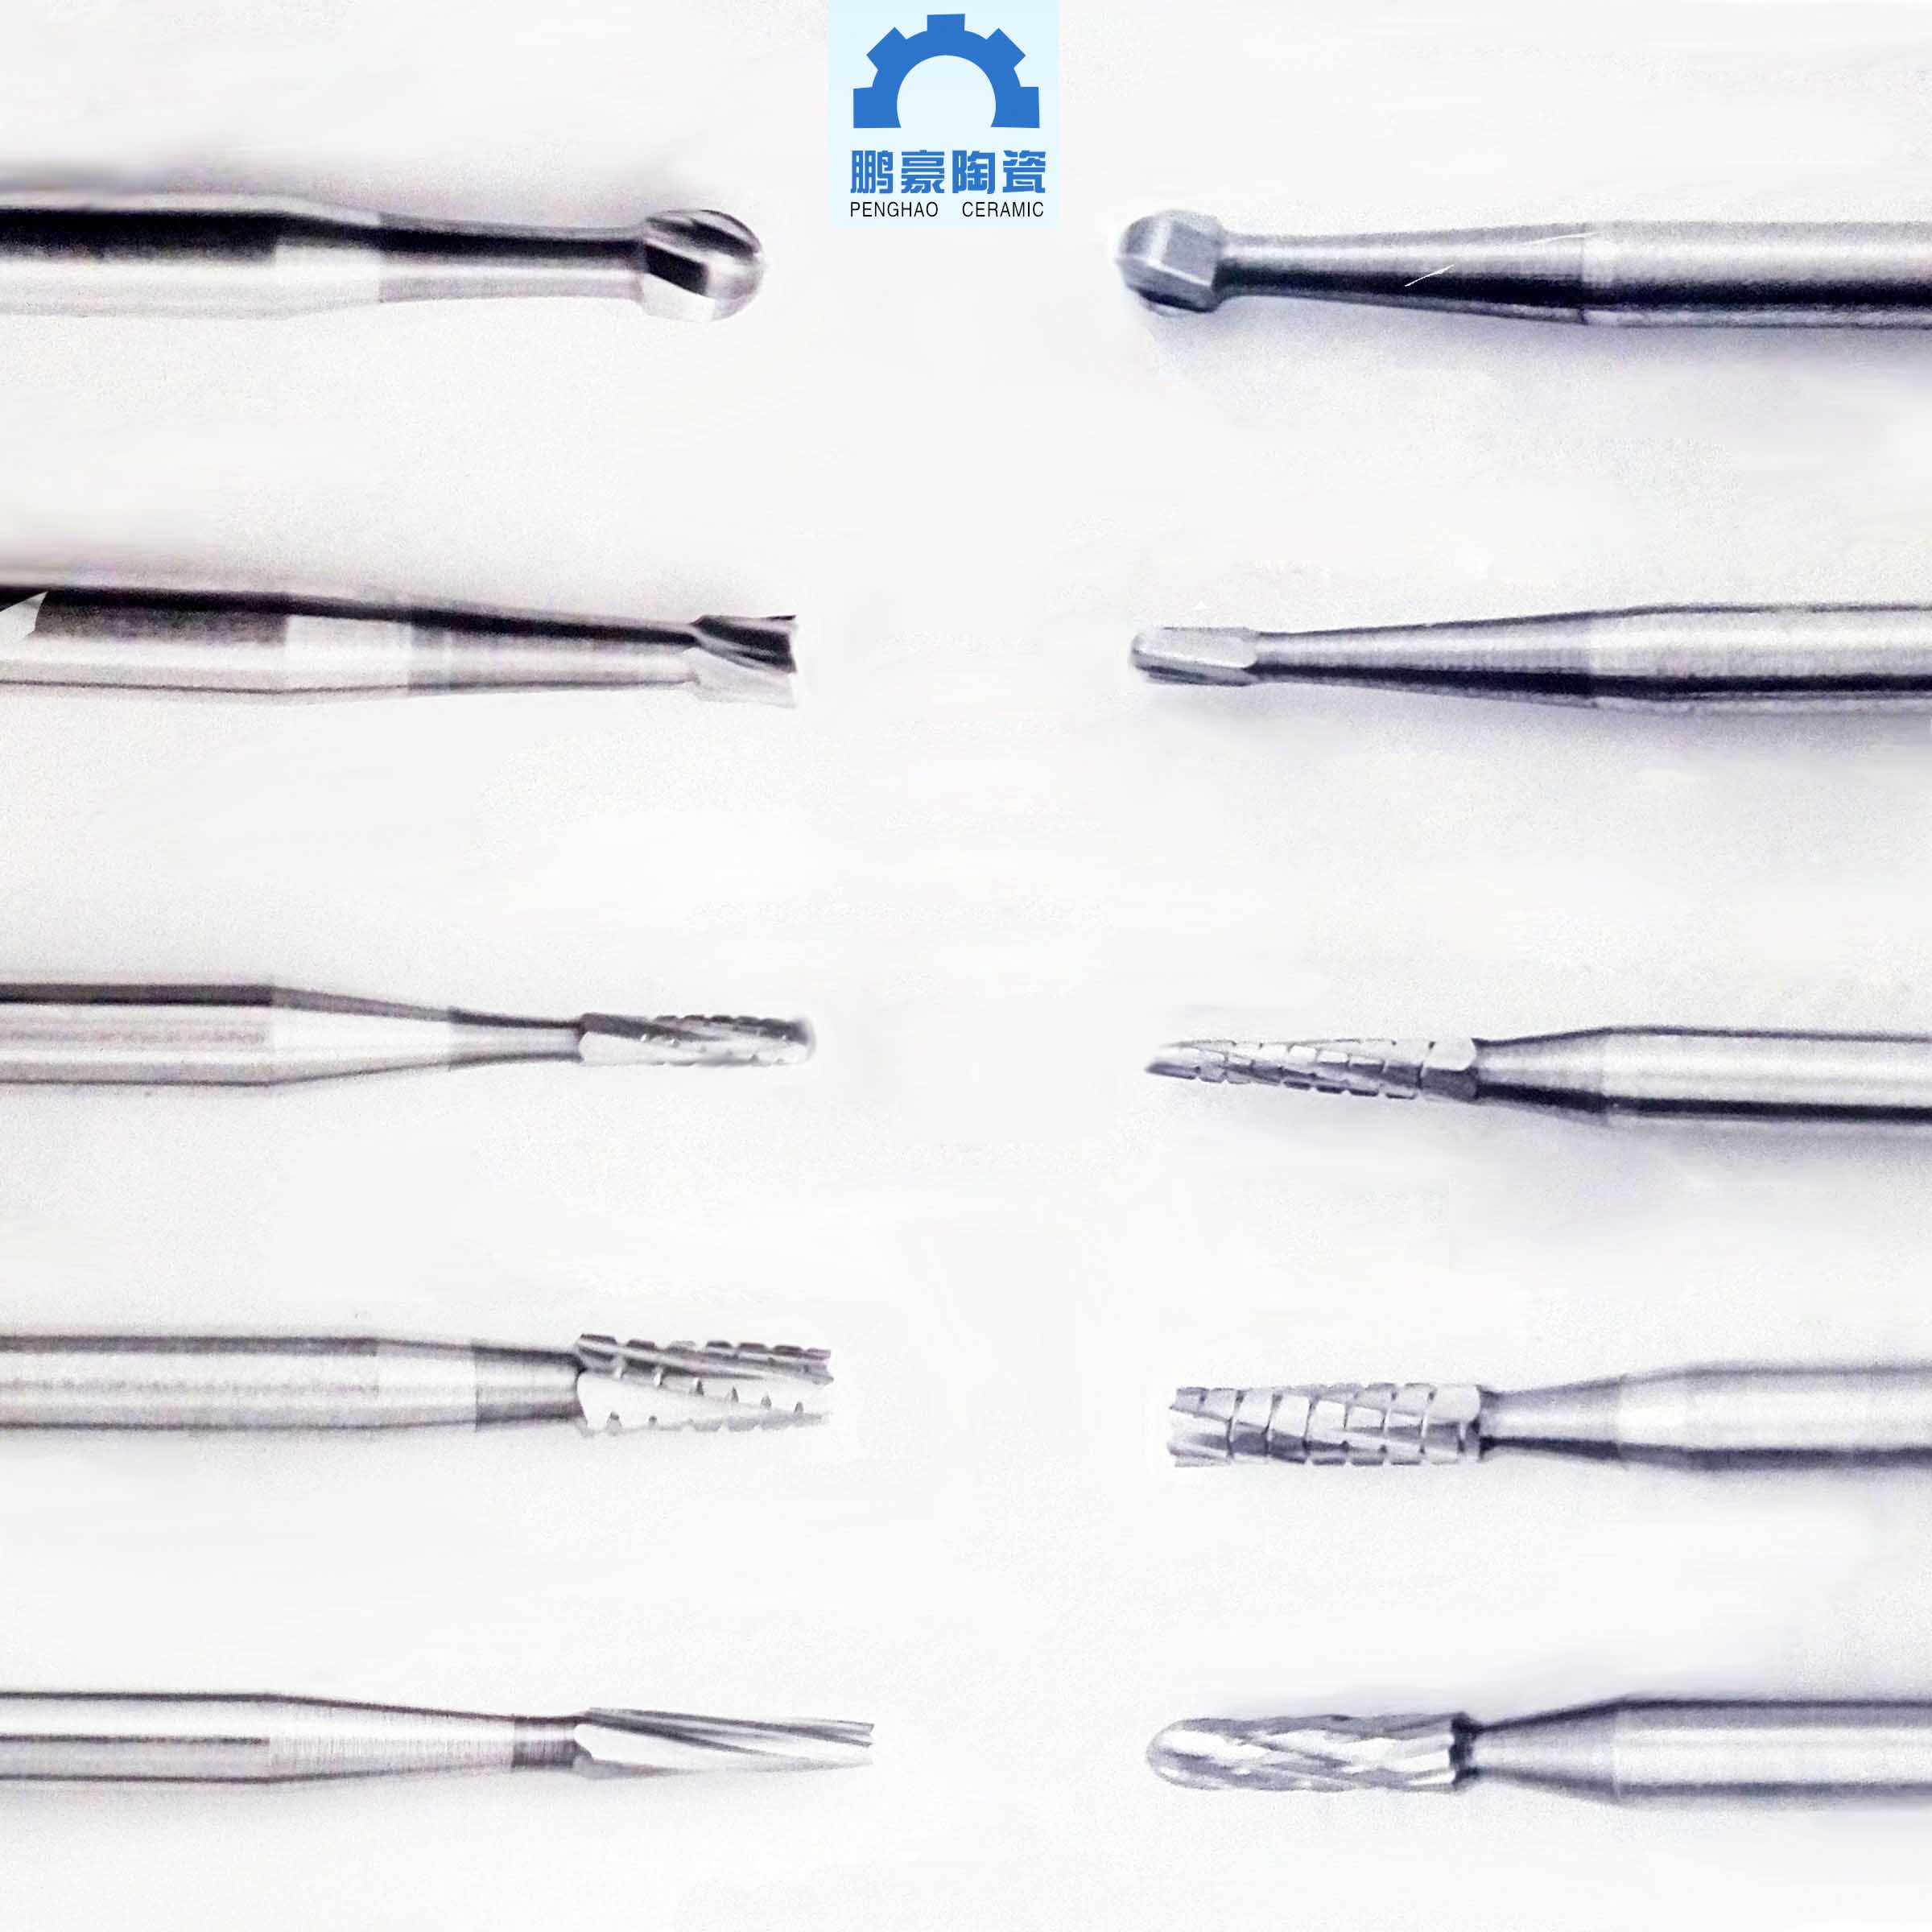 Dental Lab tungsten steel burs / Lab carbide burs / Tungsten carbide burs